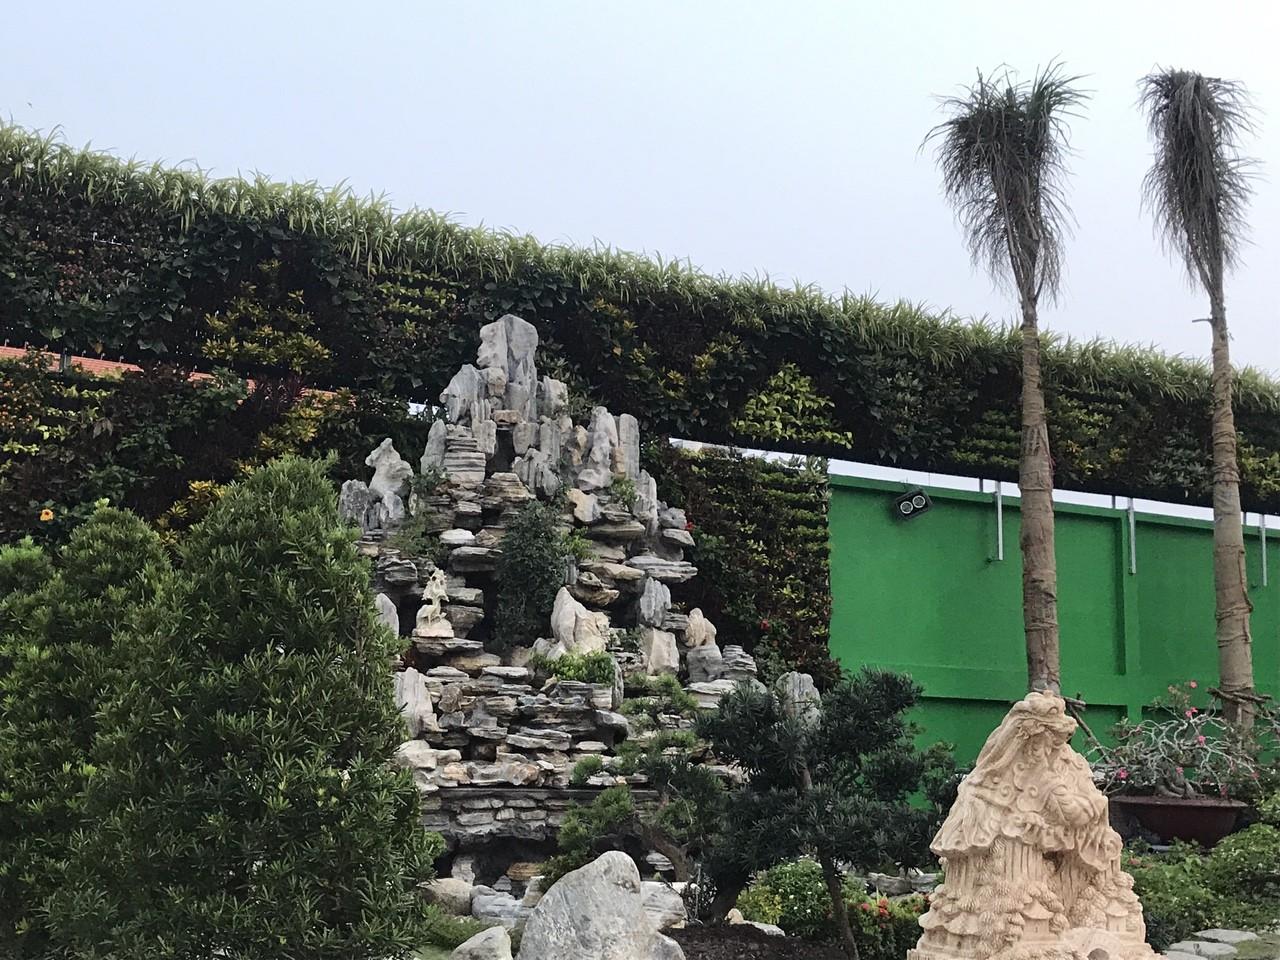 địa chỉ thiết kế tường cây xanh uy tín